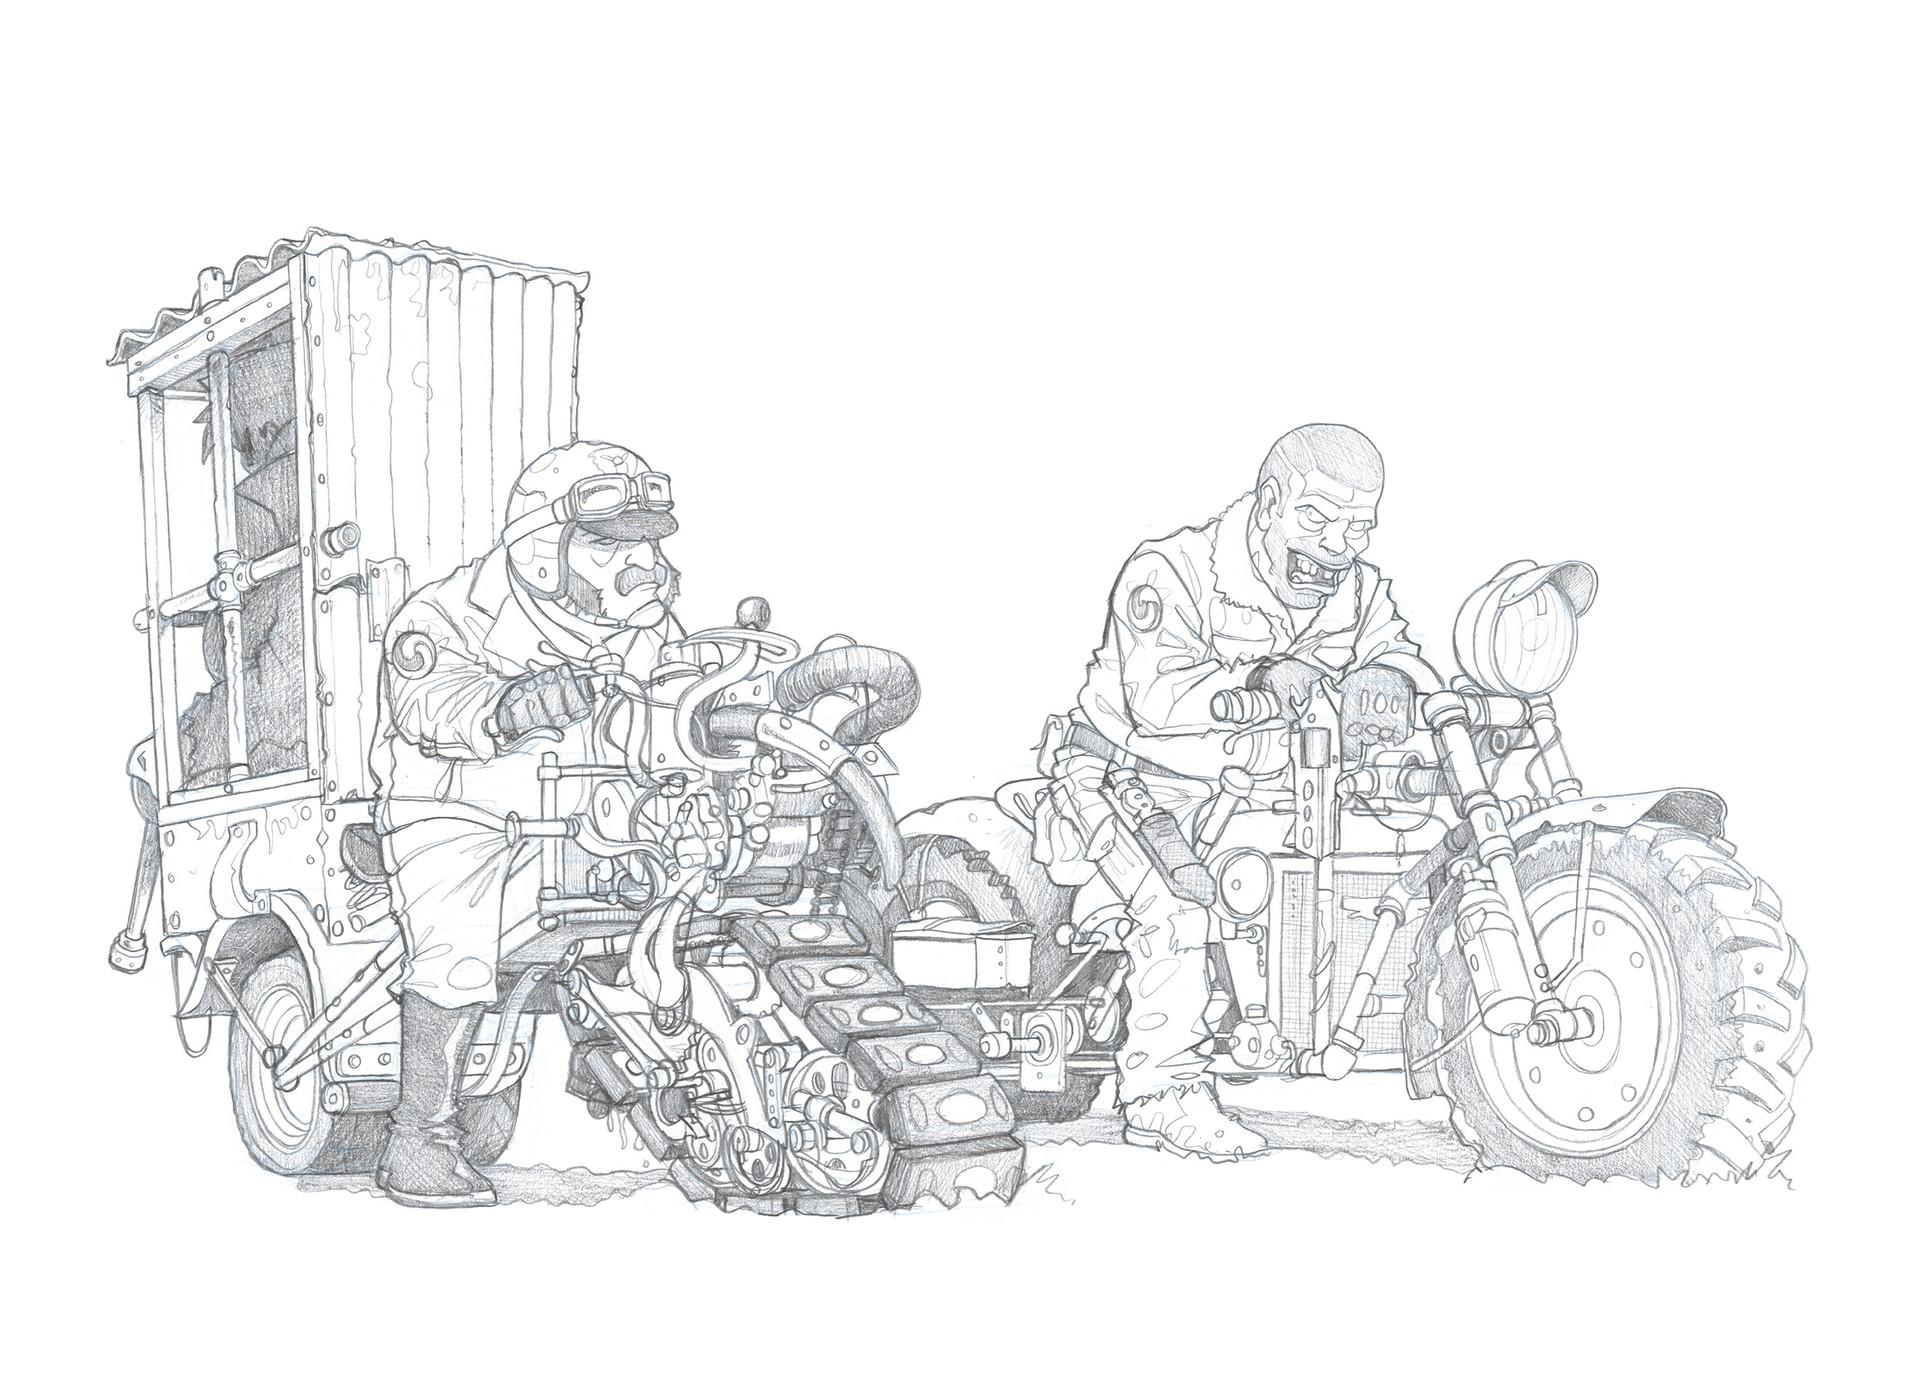 Signarbieux nicolas stan flics motos